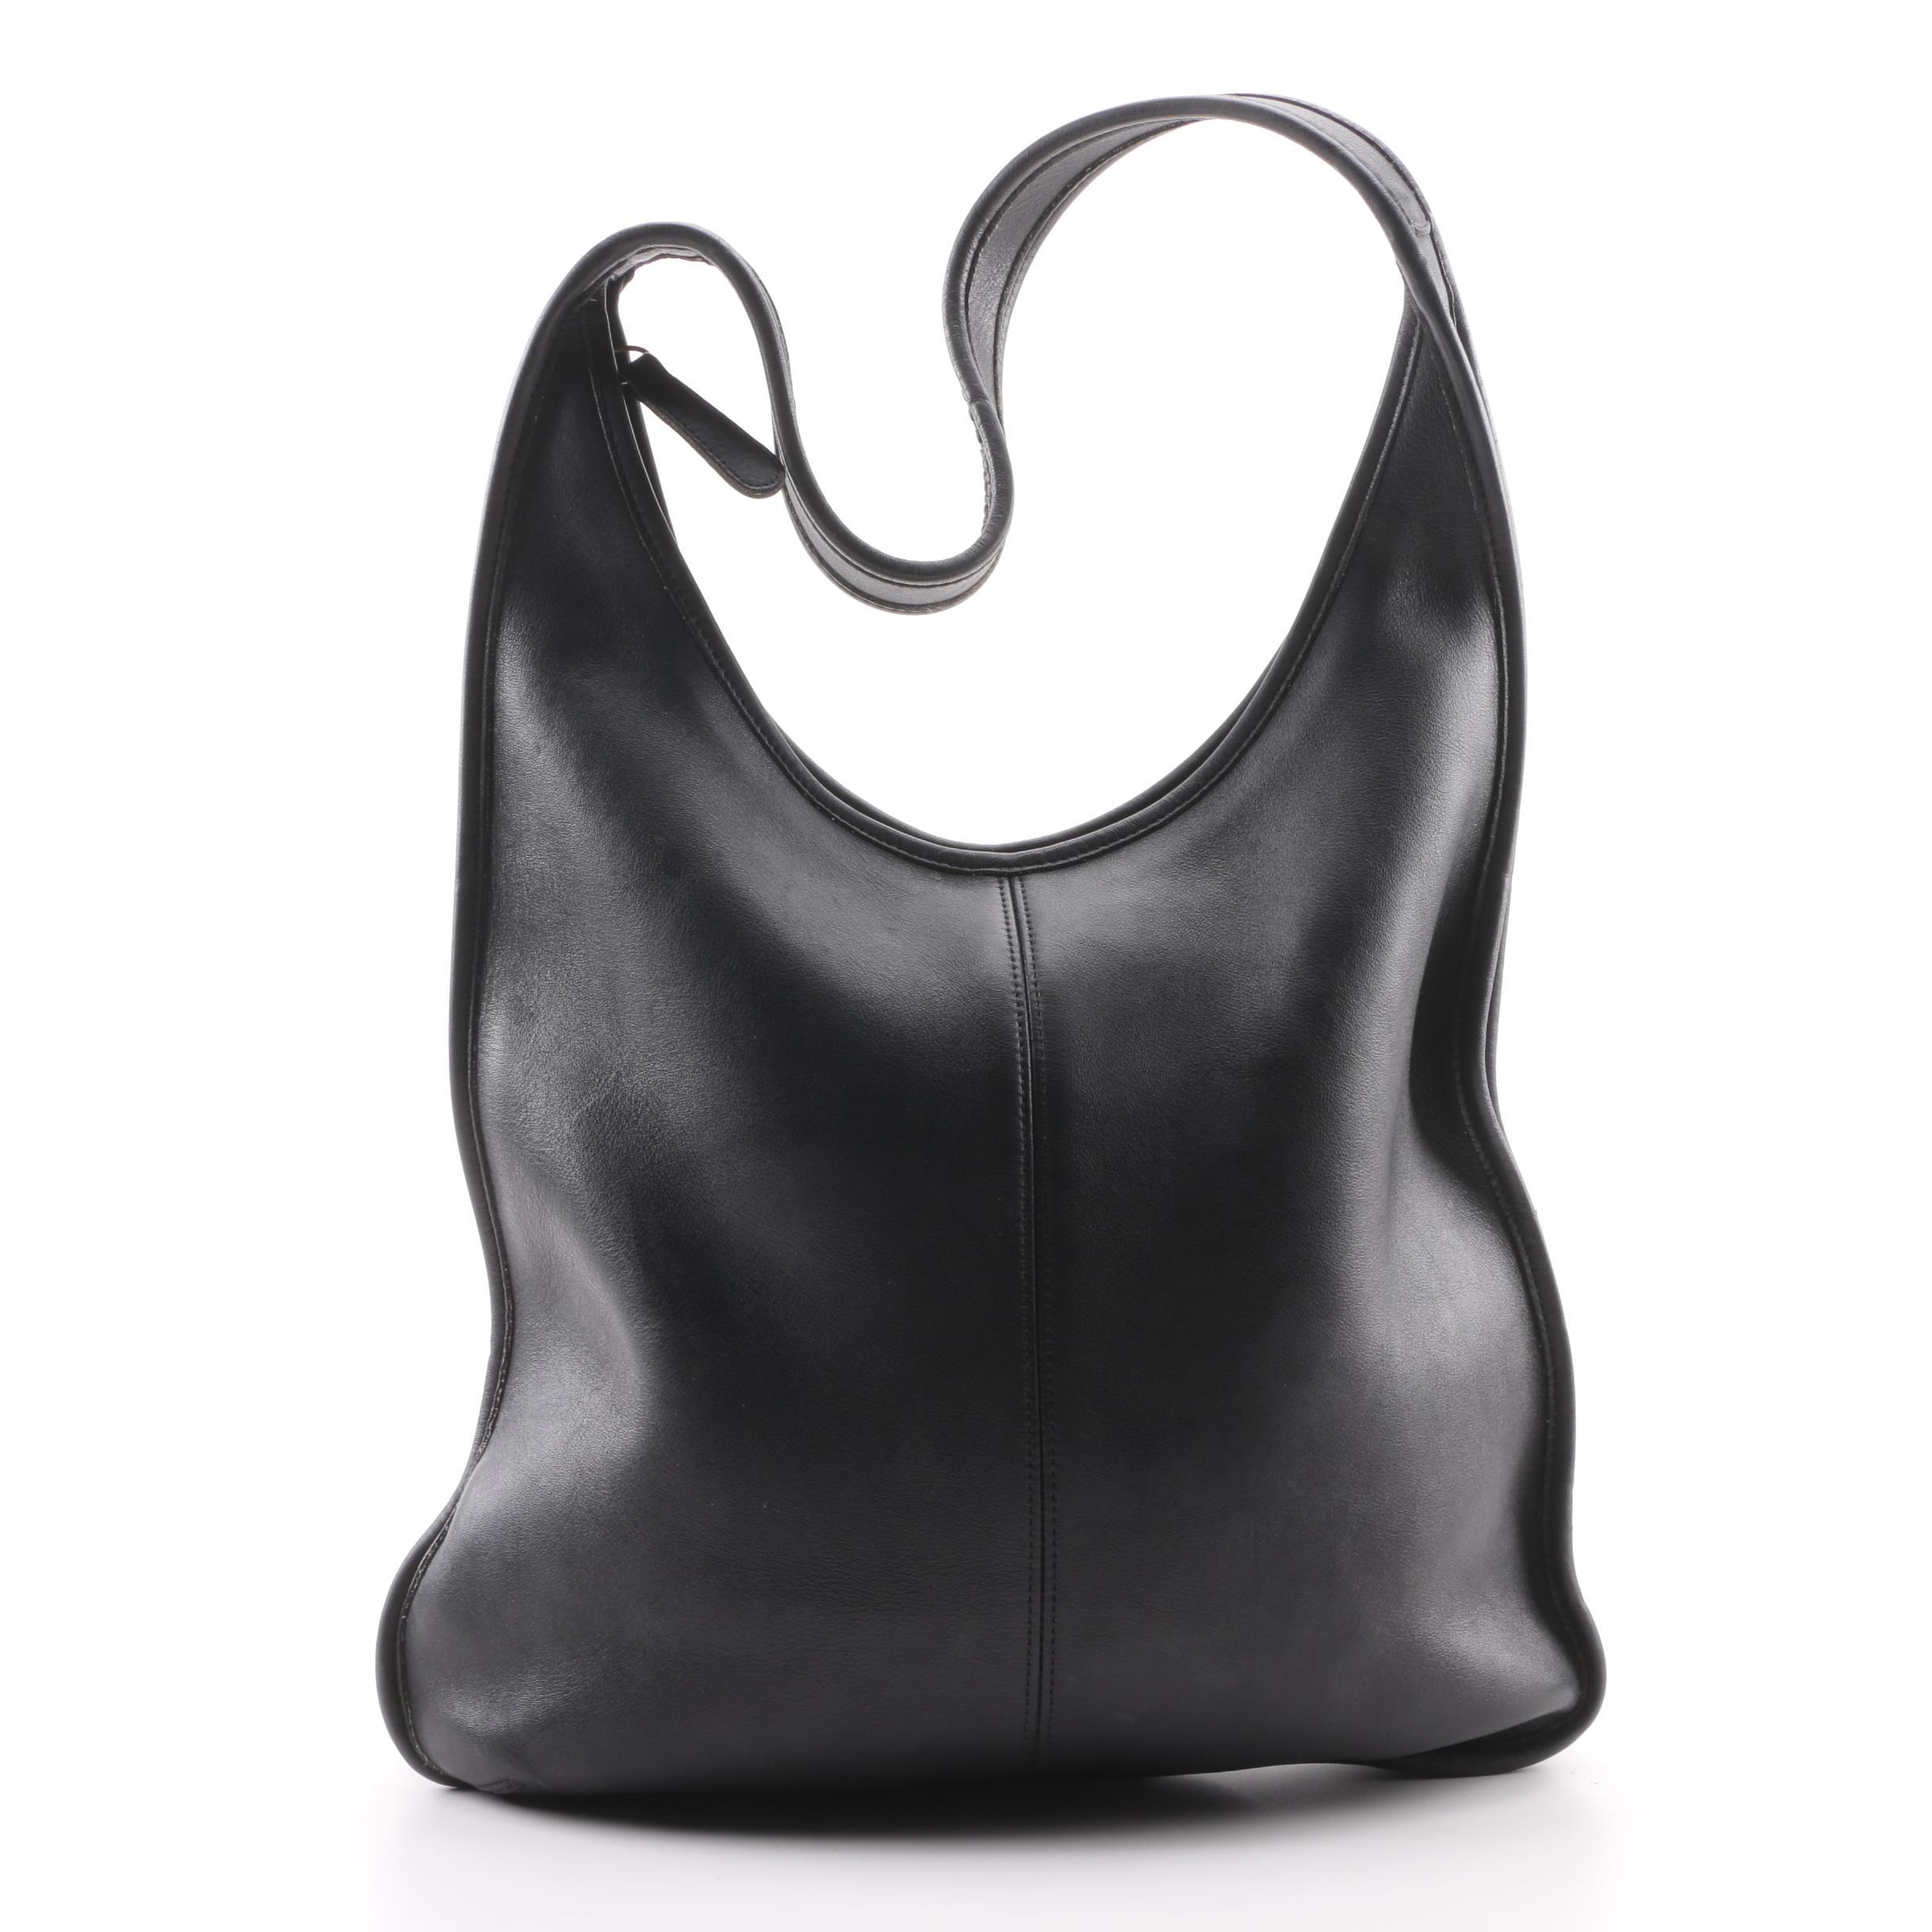 1997 Vintage Coach Black Leather Hobo Bag